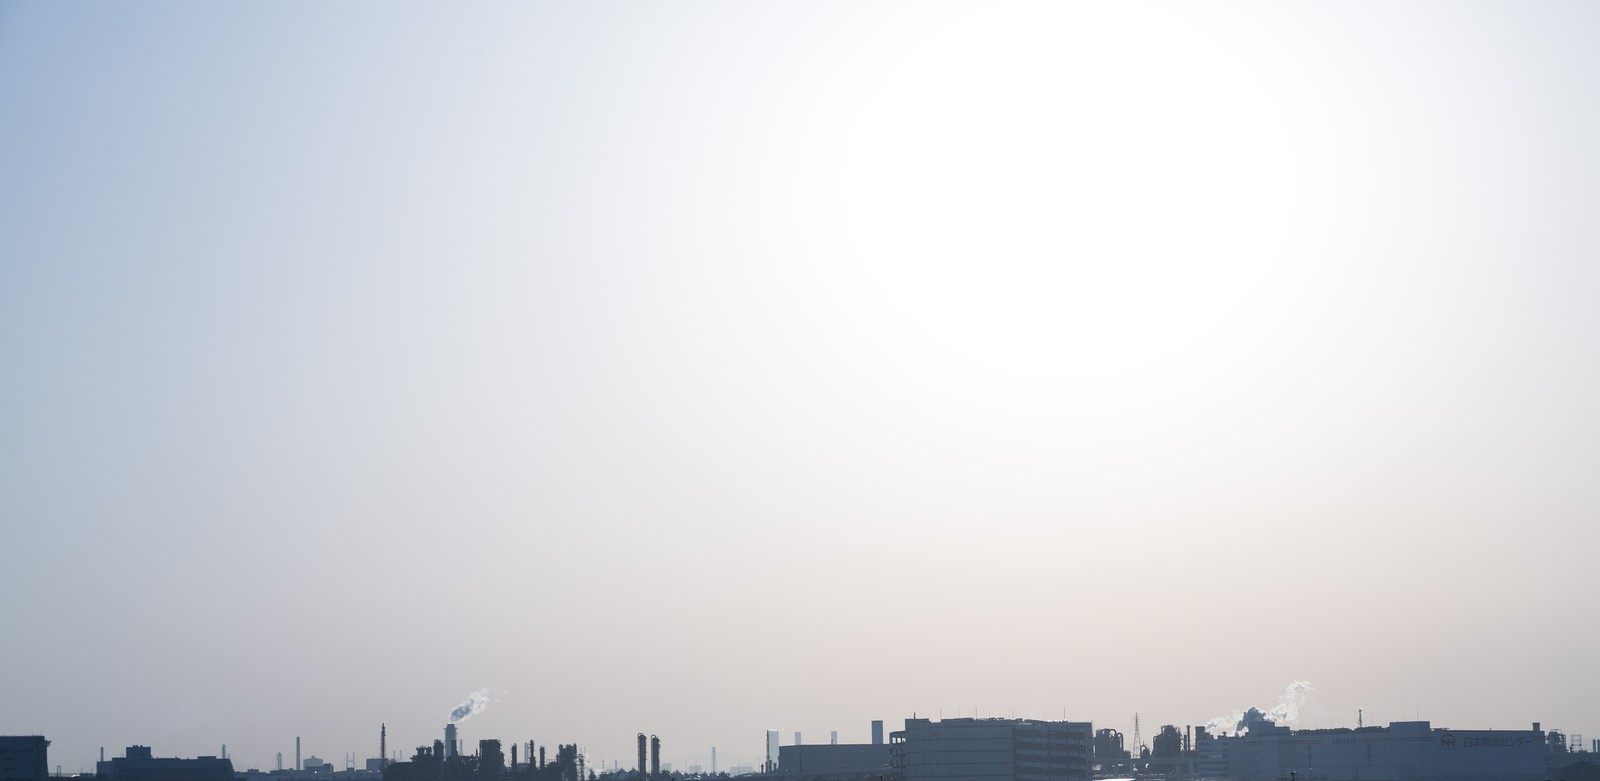 「光化学スモッグと工場」の写真